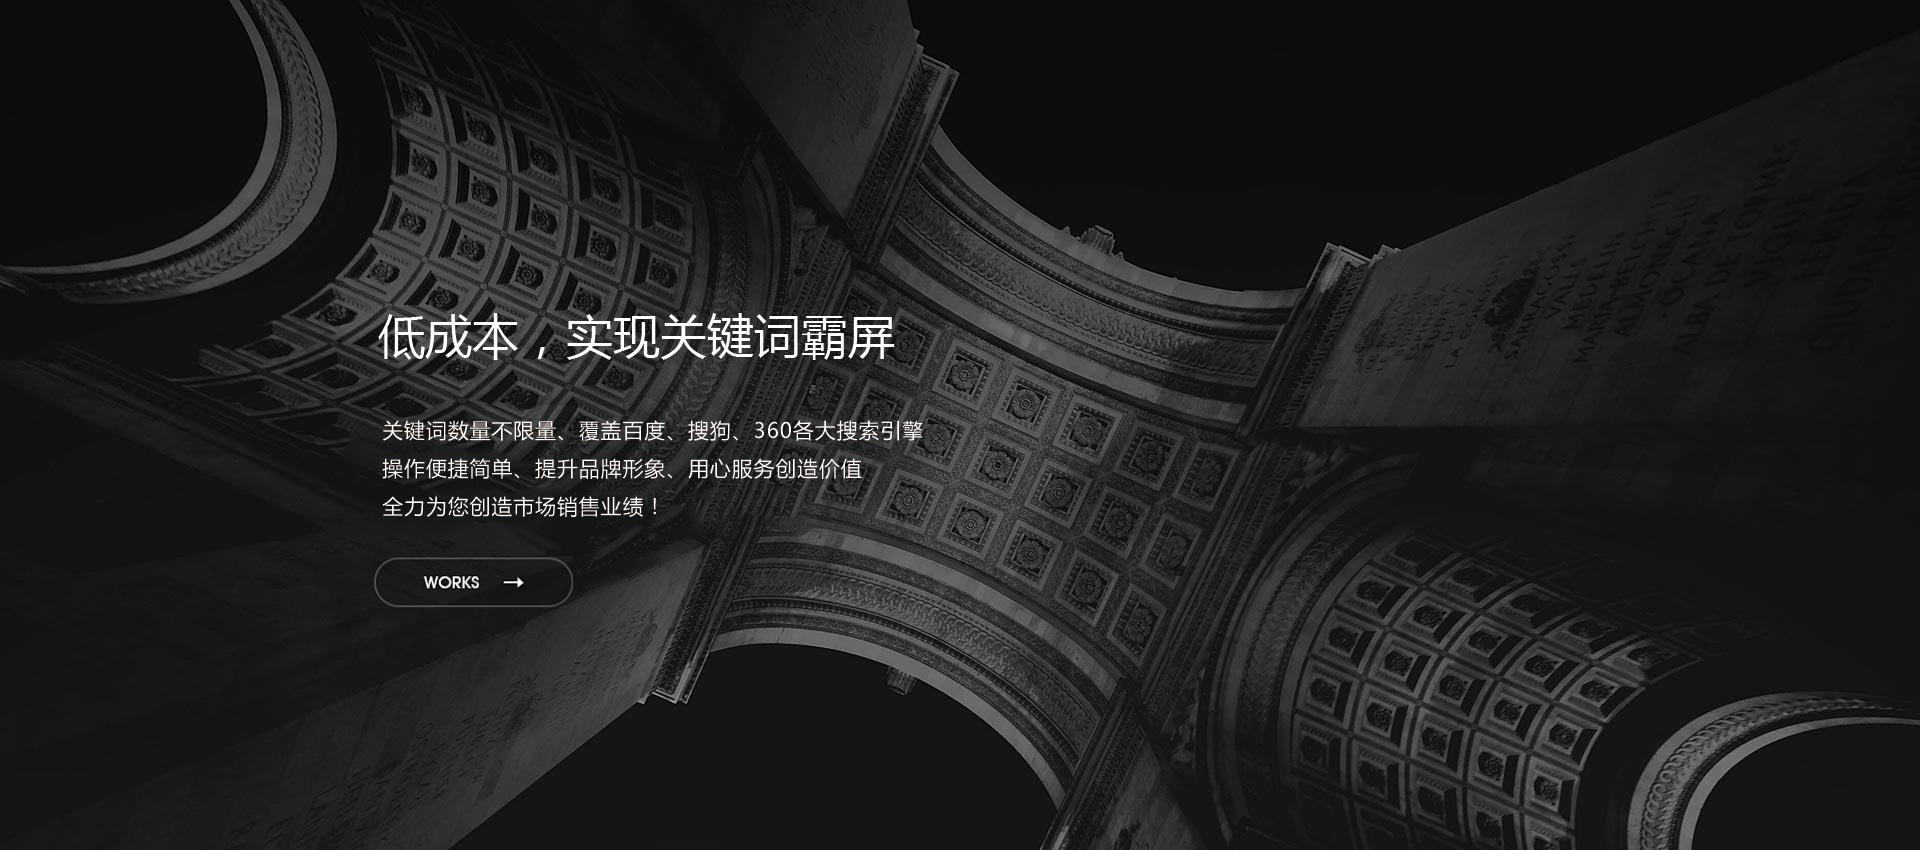 网站SEO关键词排名为业务核心